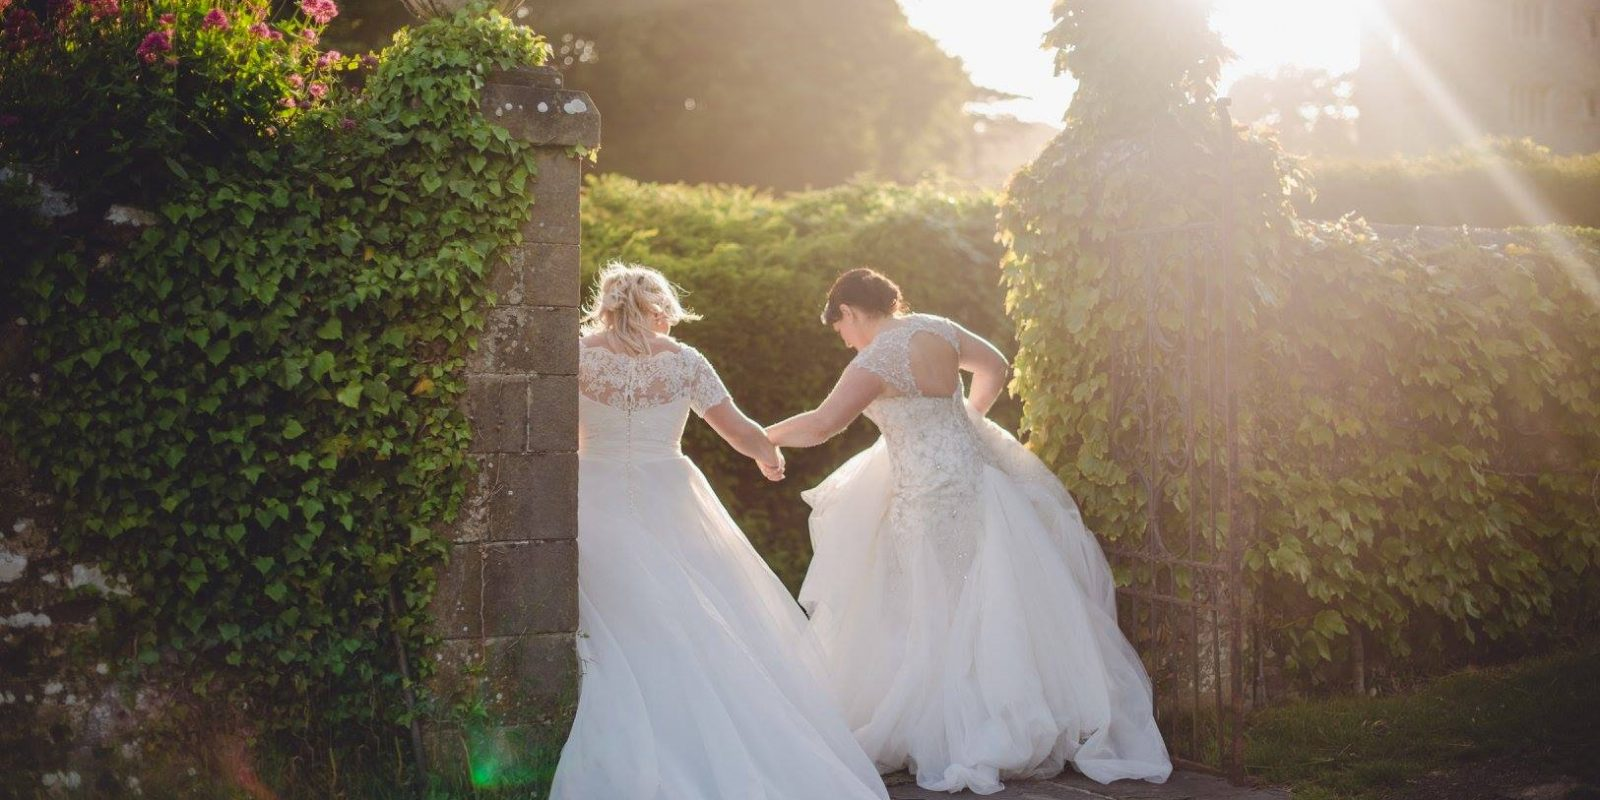 Same-sex wedding venue, St Donat's Castle